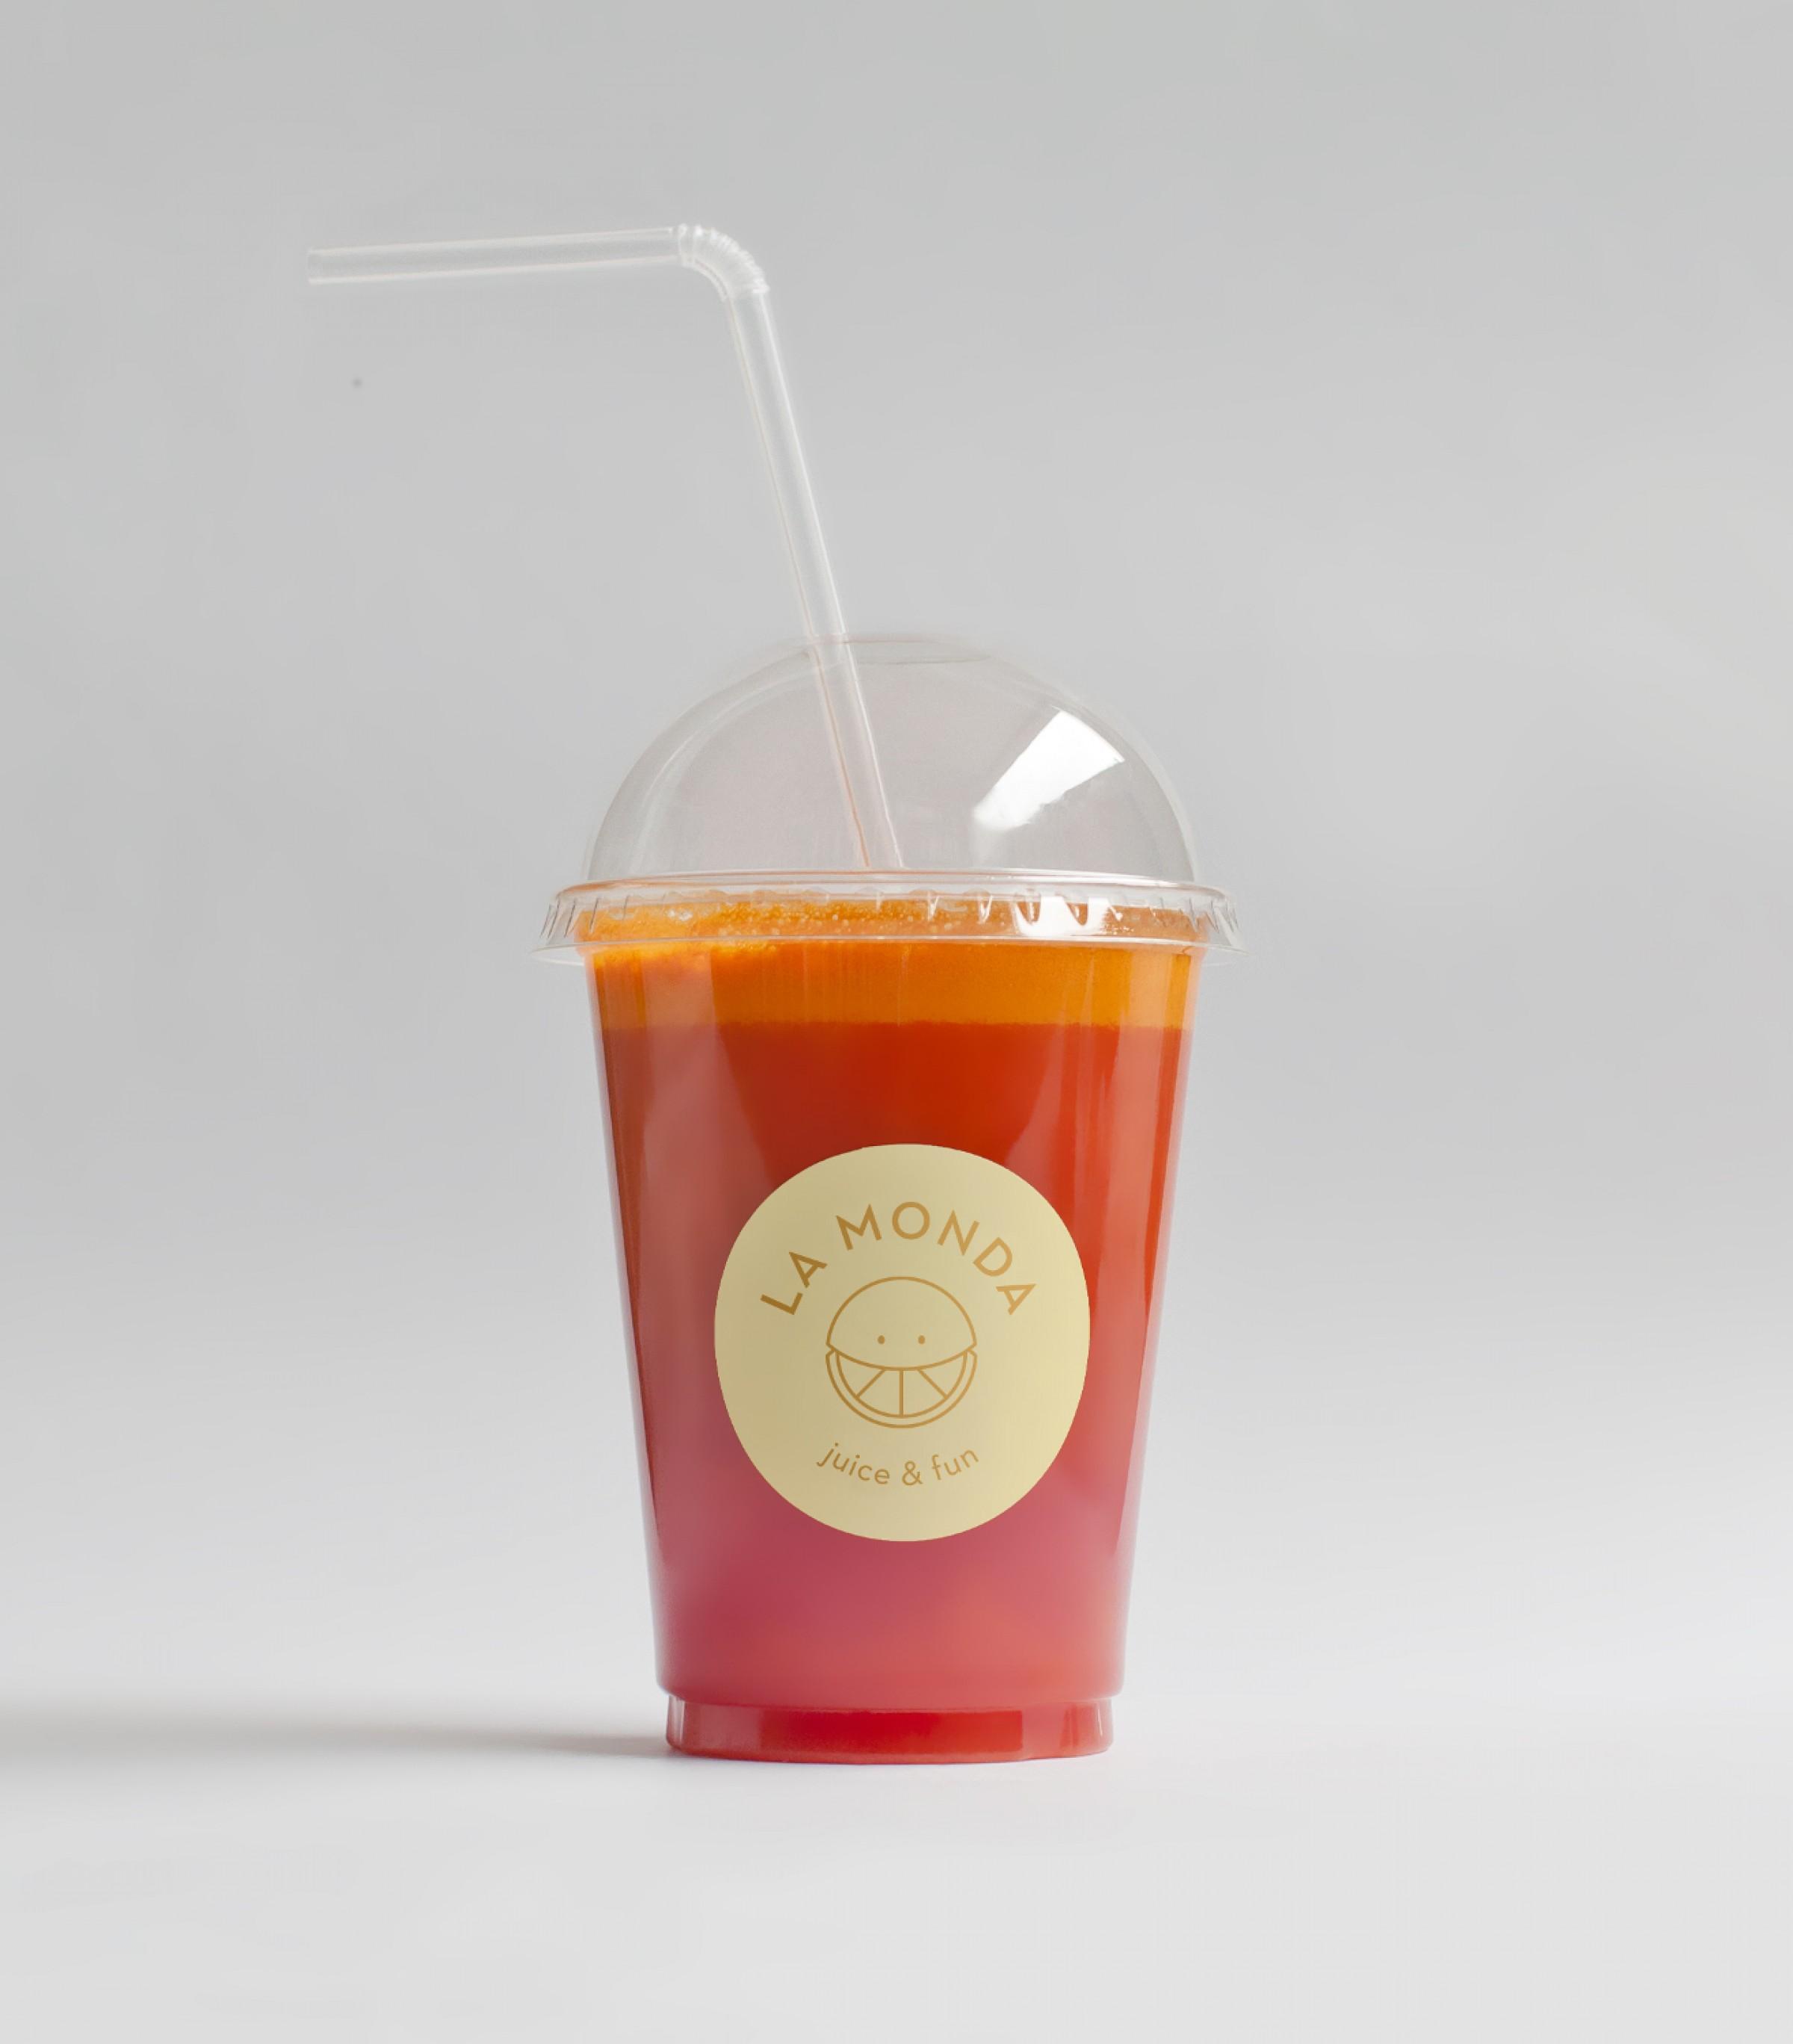 La Monda. Juice & Fun